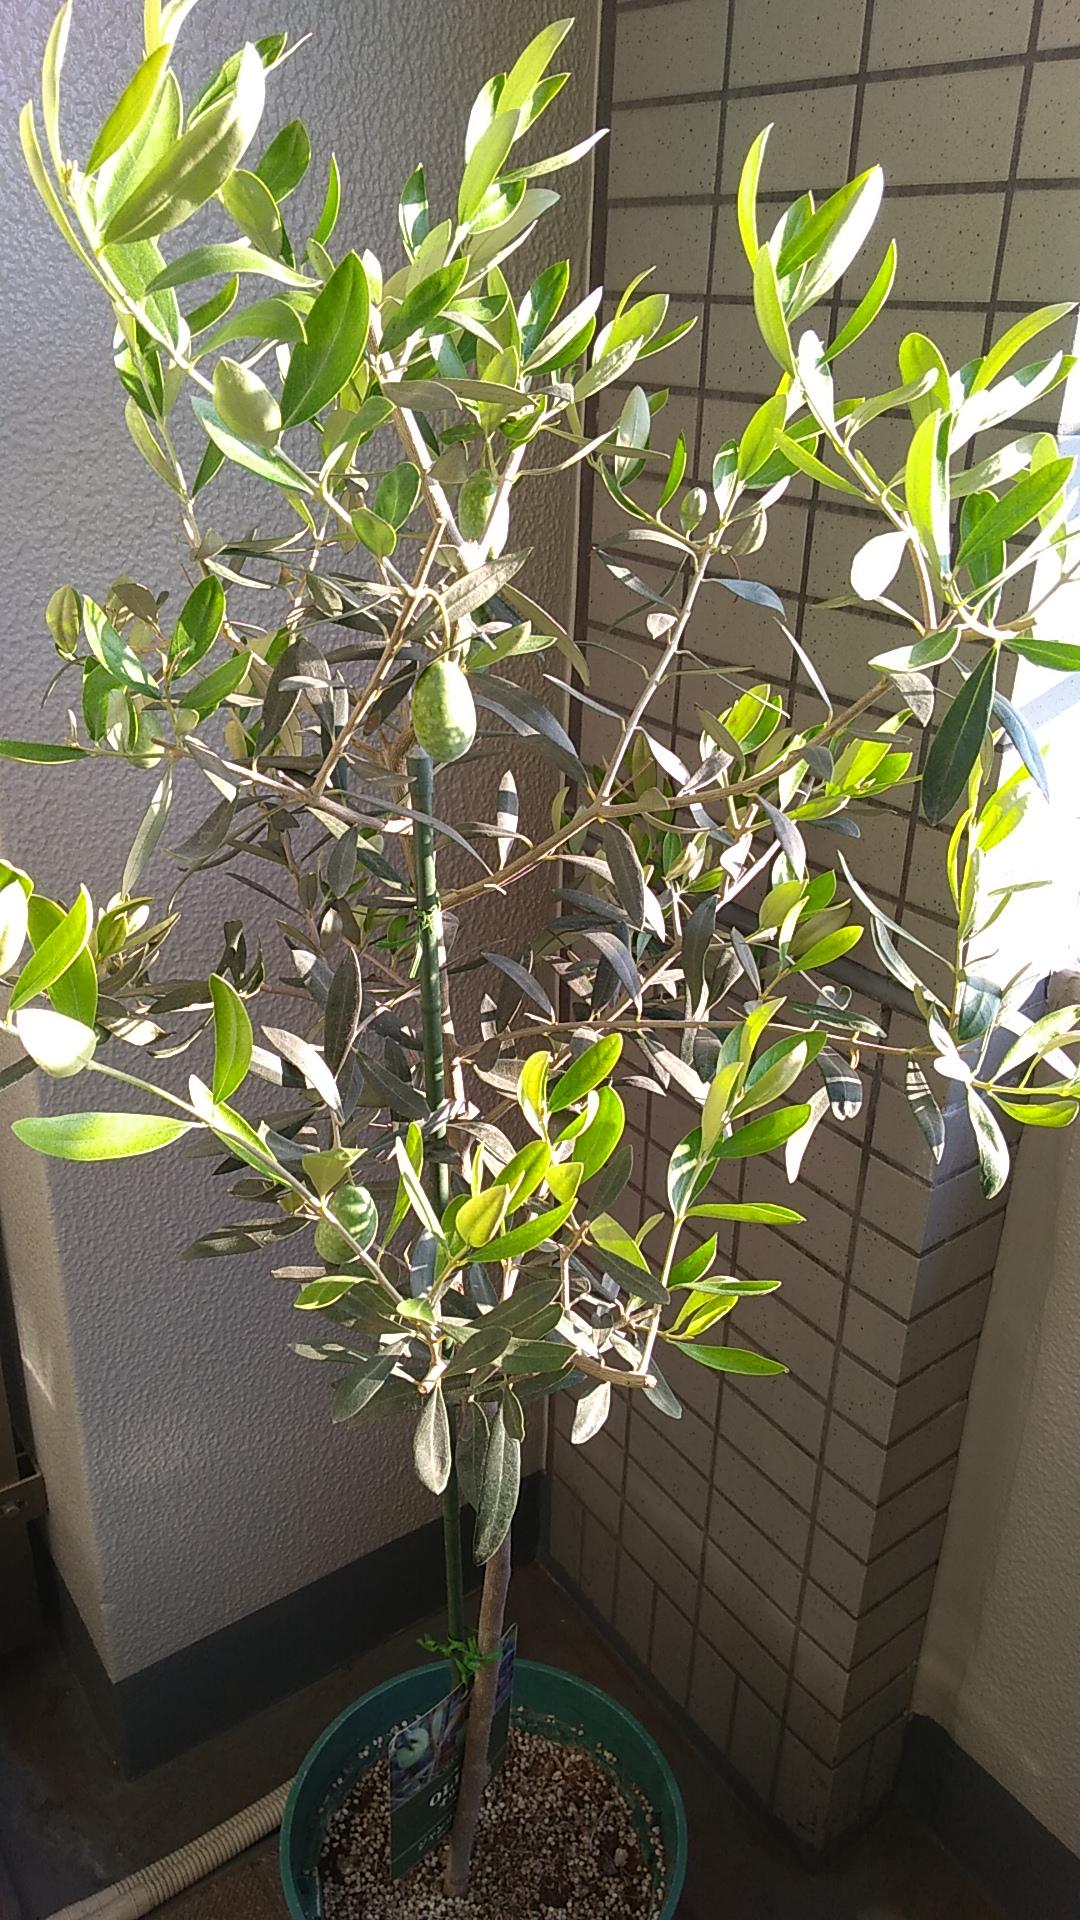 ジャンボカラマタの木